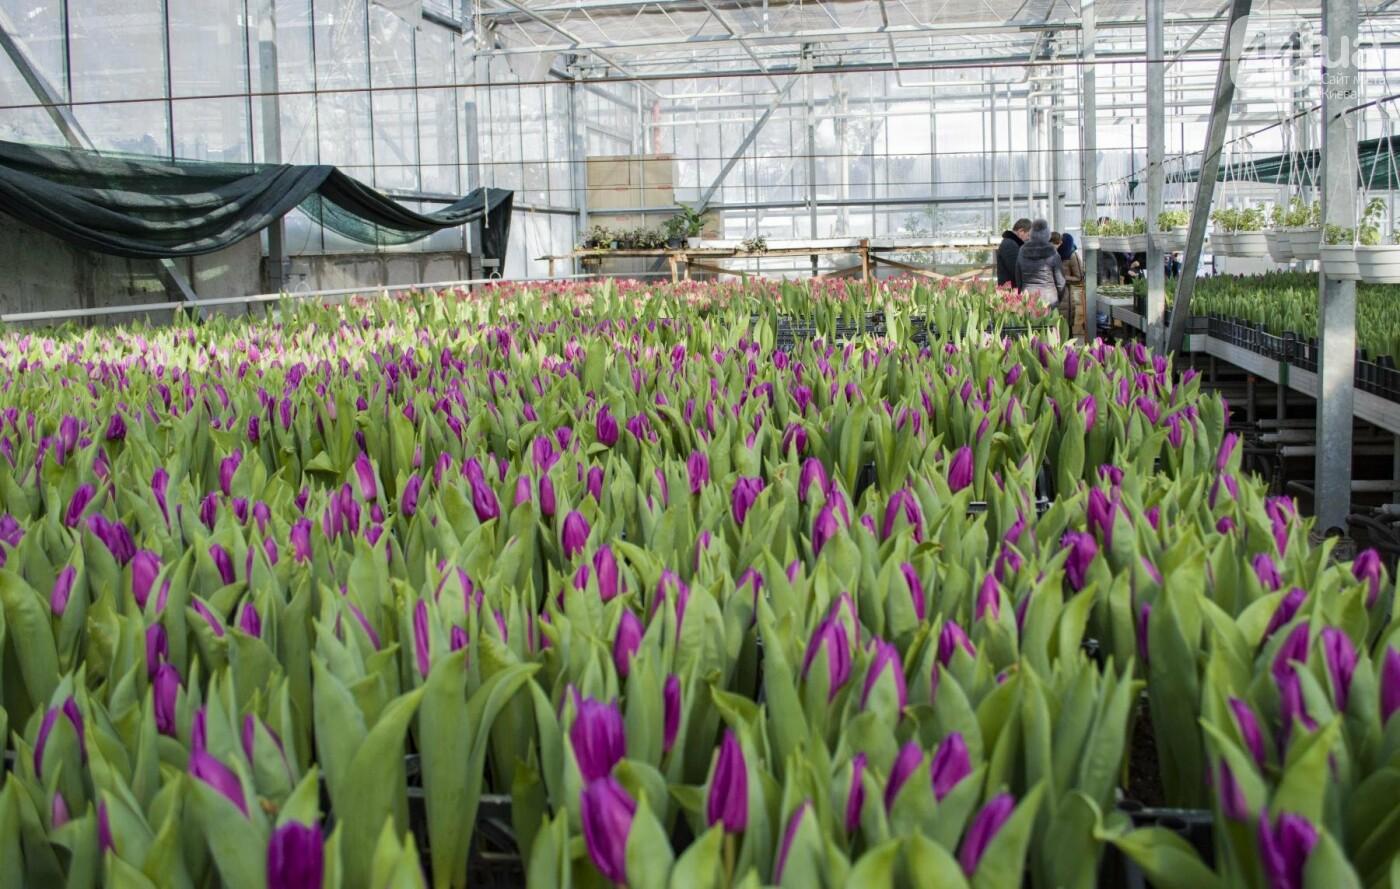 Цветочный рай: в киевской оранжерее зацвели десятки тысяч тюльпанов, фото-2